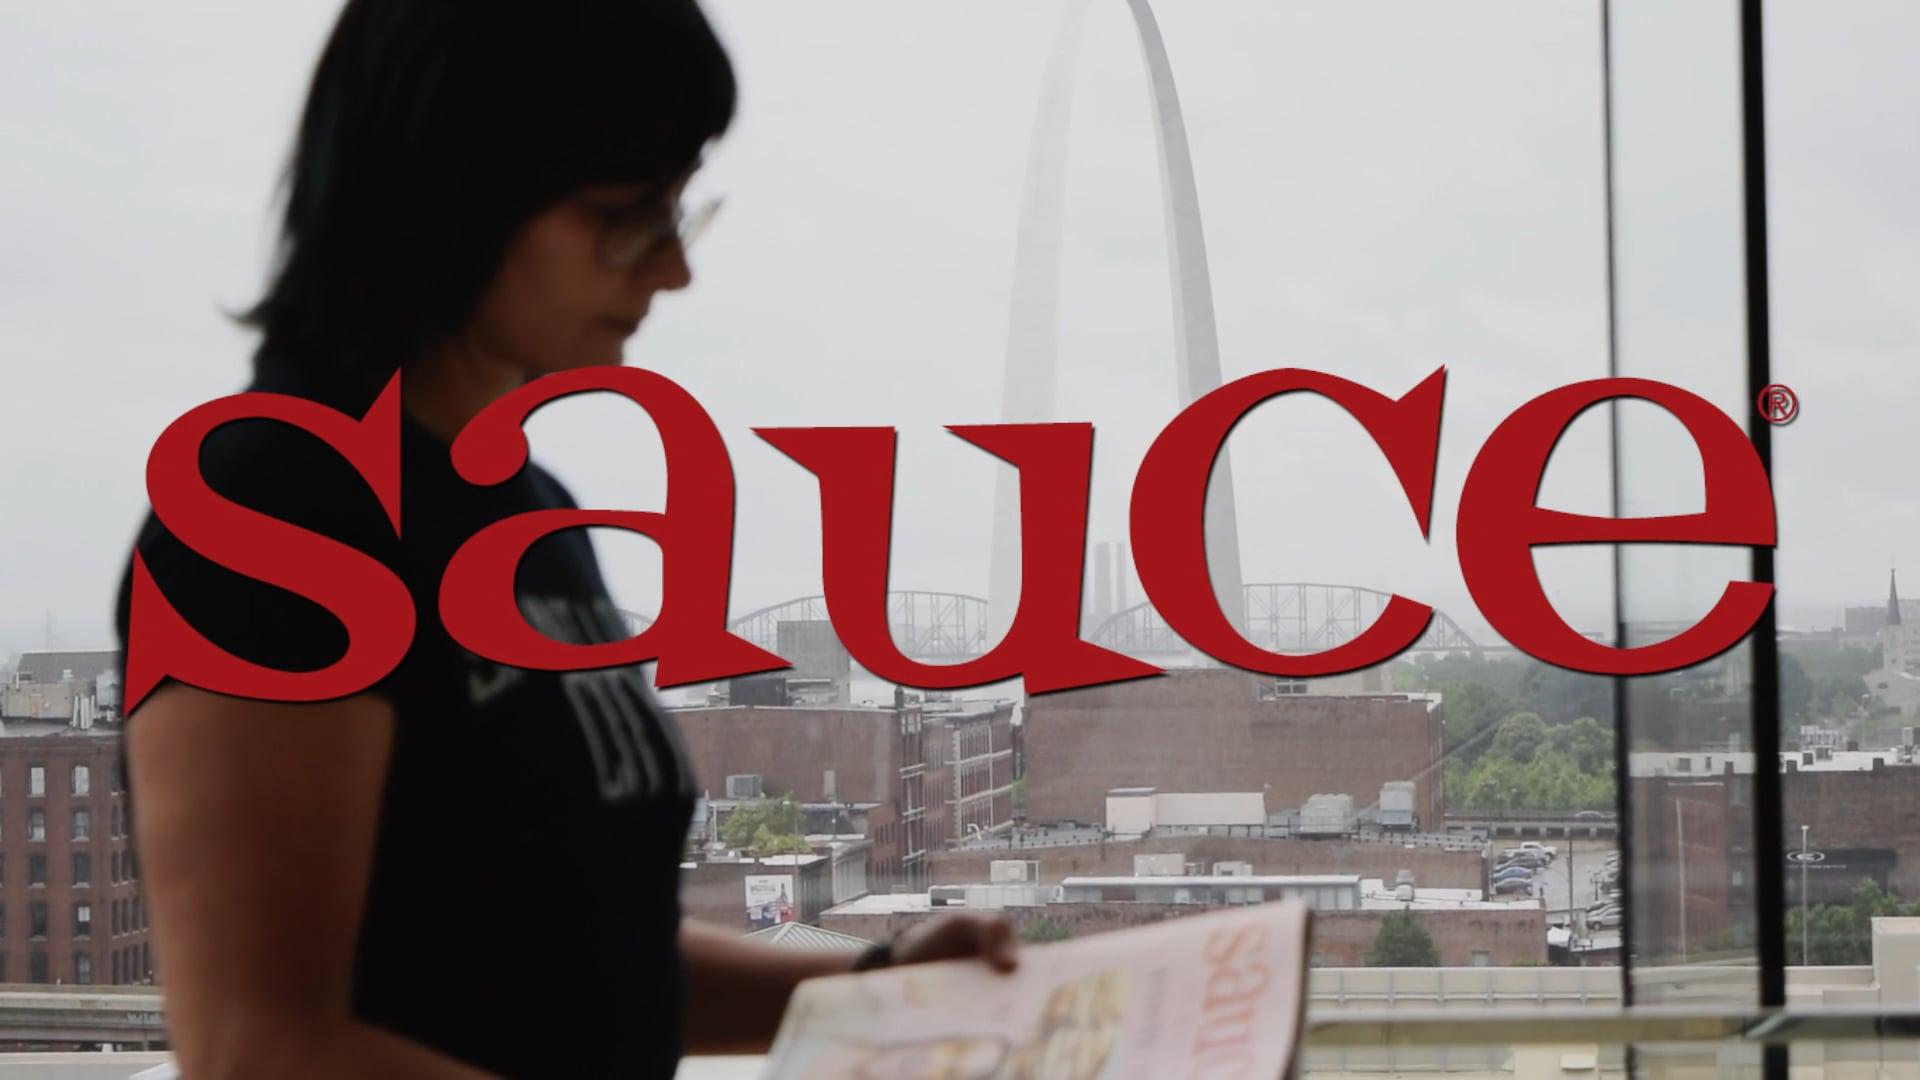 Sauce Magazine 20 Year Anniversary Video